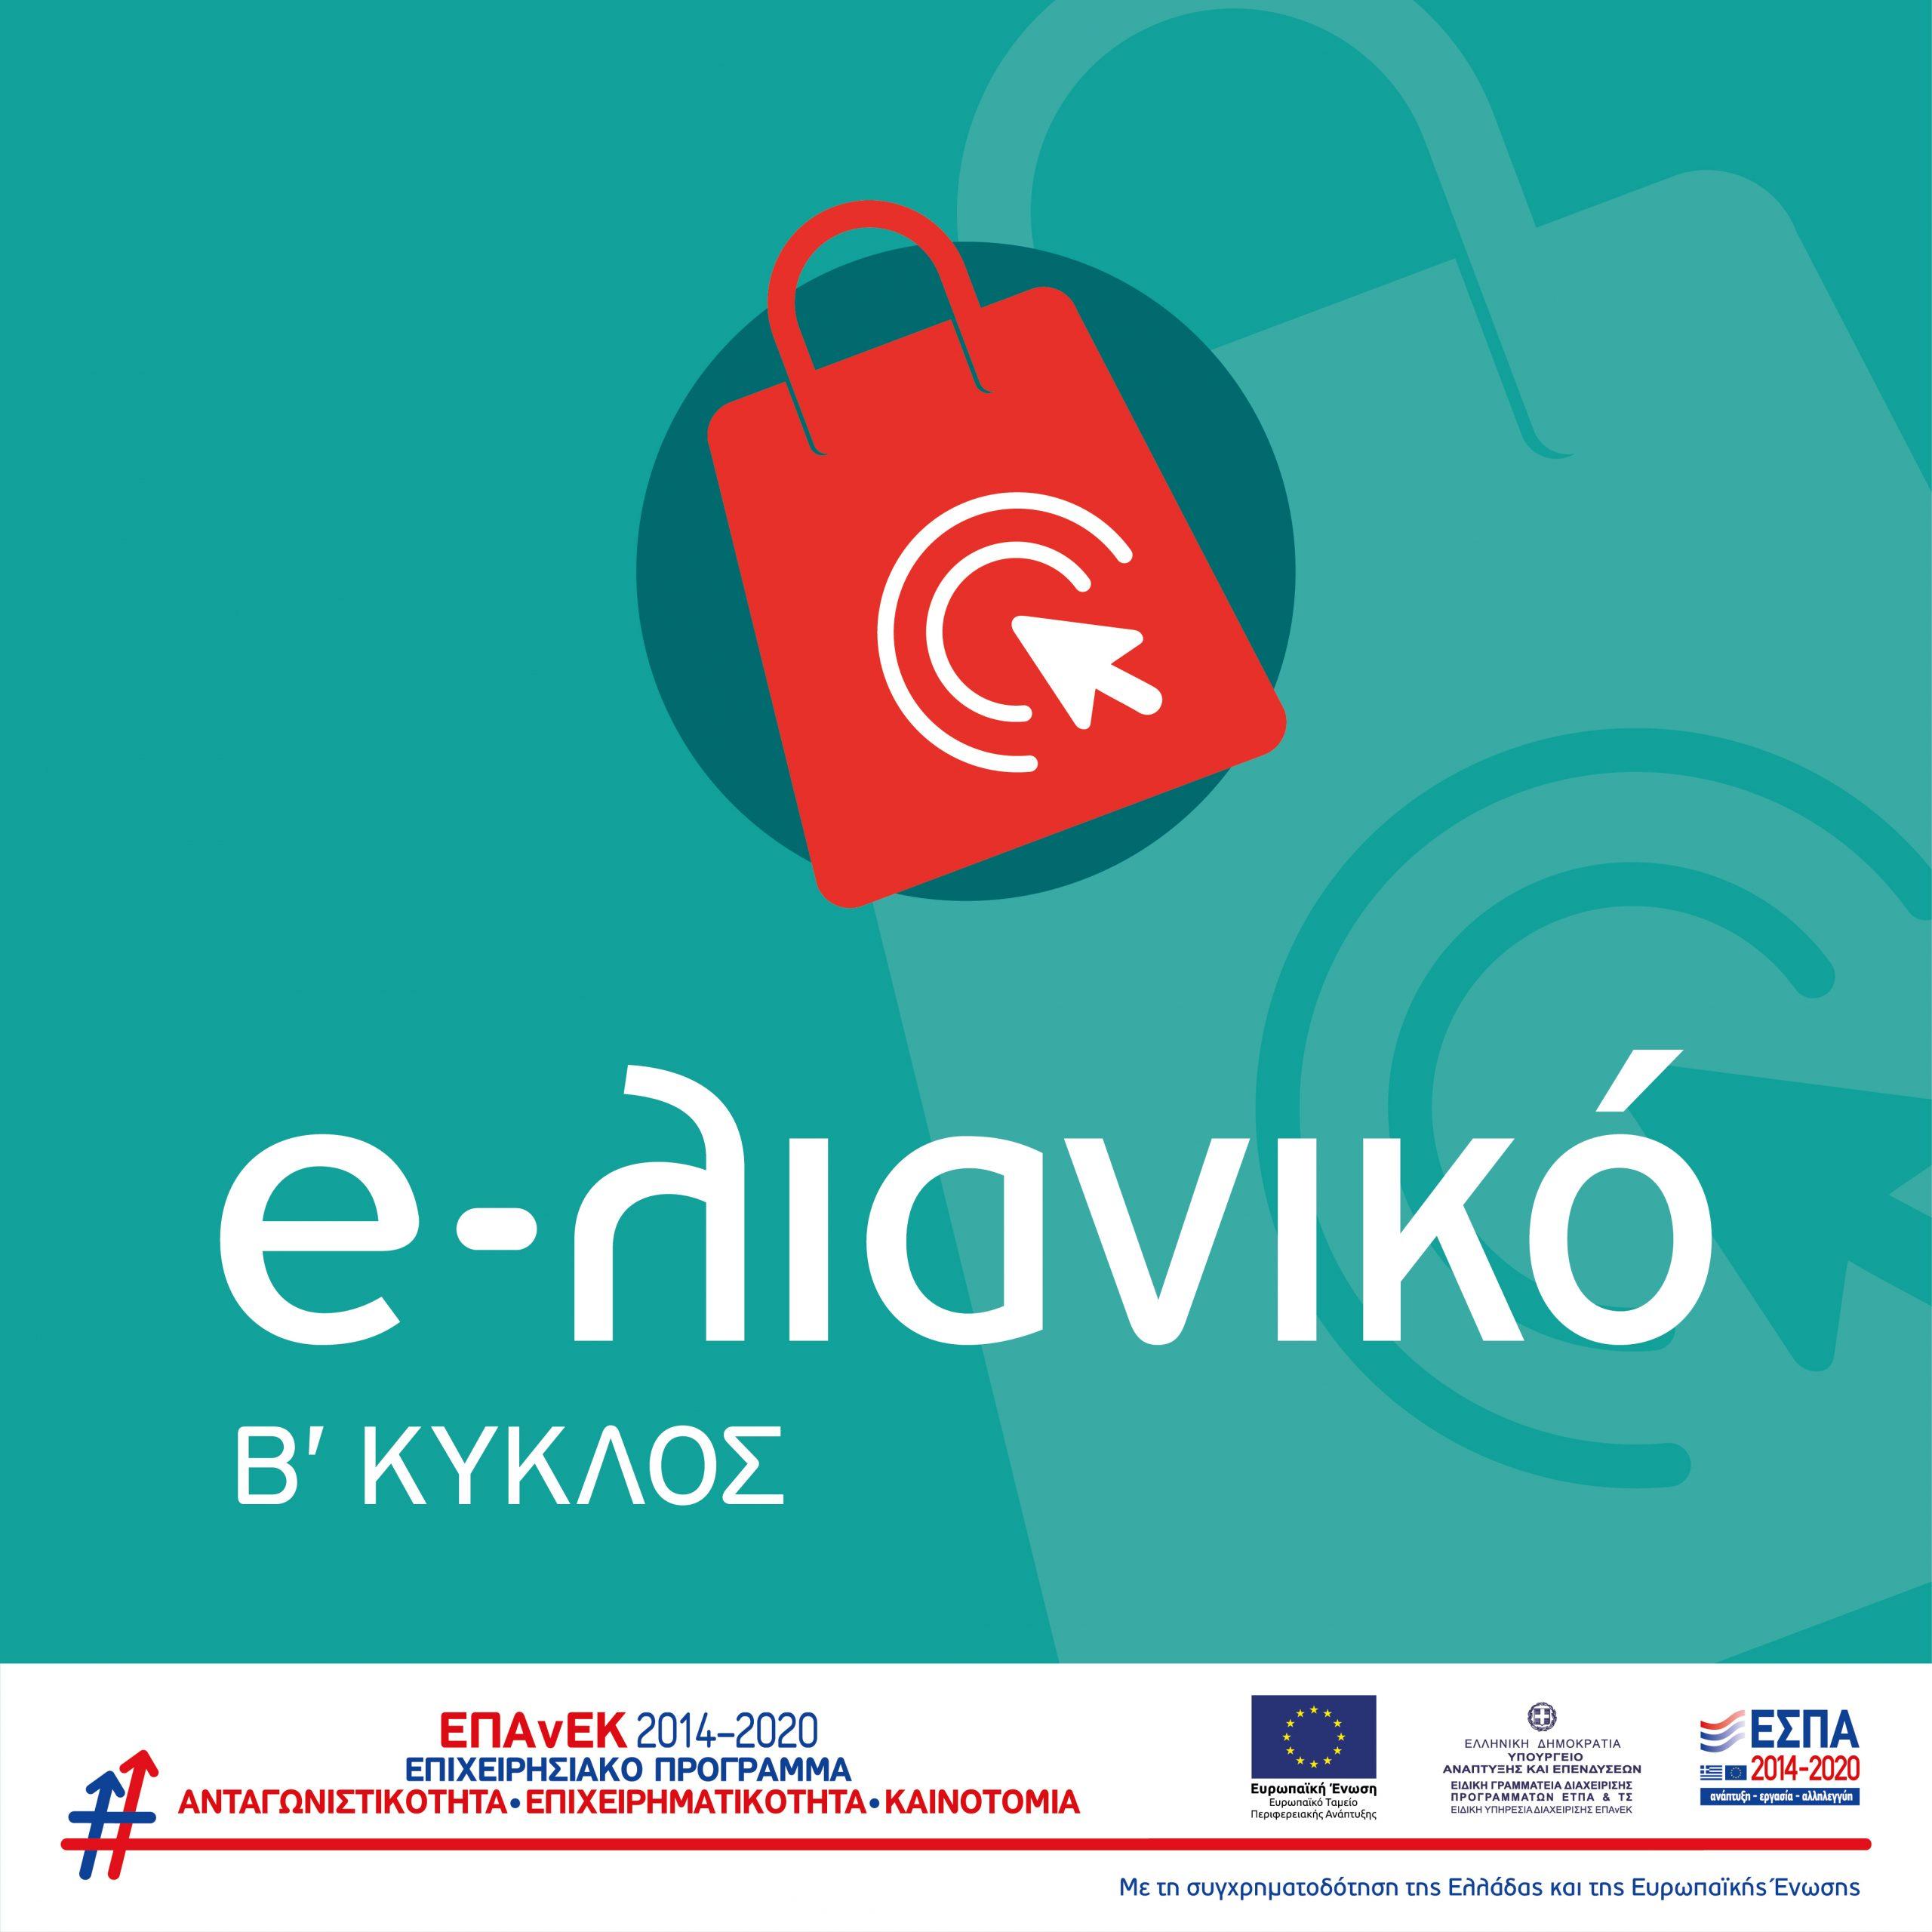 Προγραμματα 2014-2020 / e-λιανικό (Β΄ κύκλος)